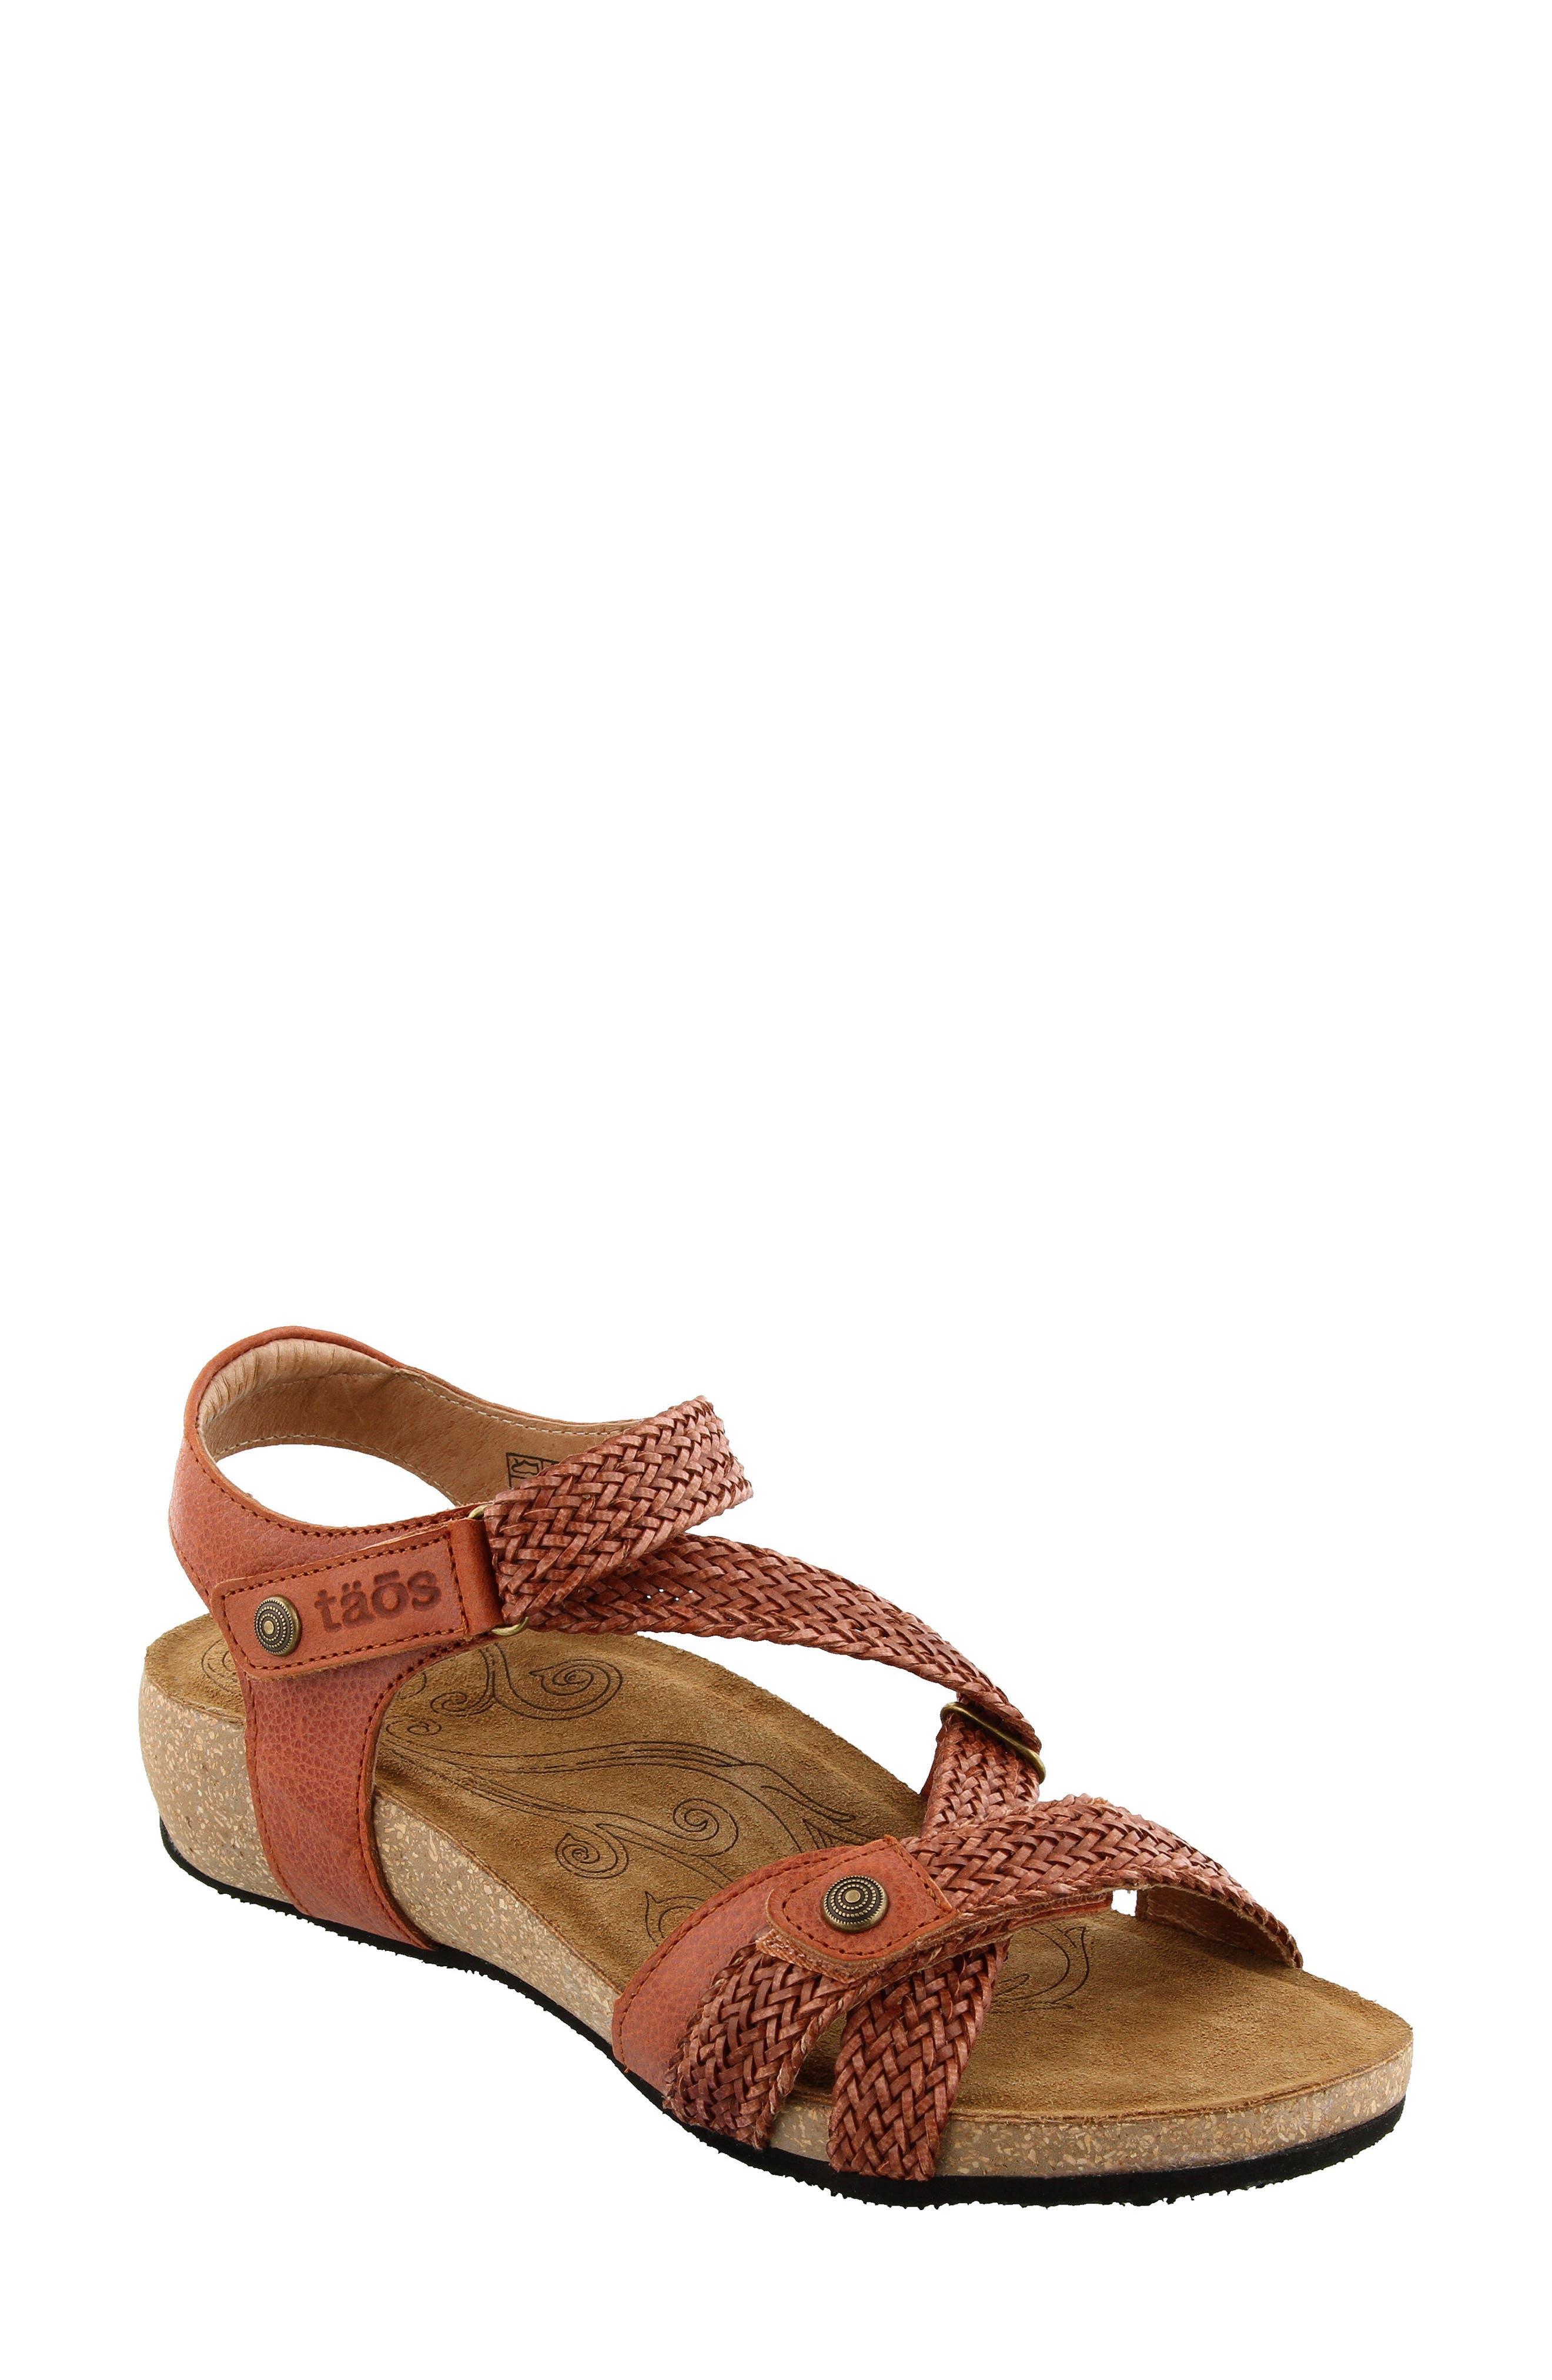 Main Image - Taos 'Trulie' Wedge Sandal (Women)